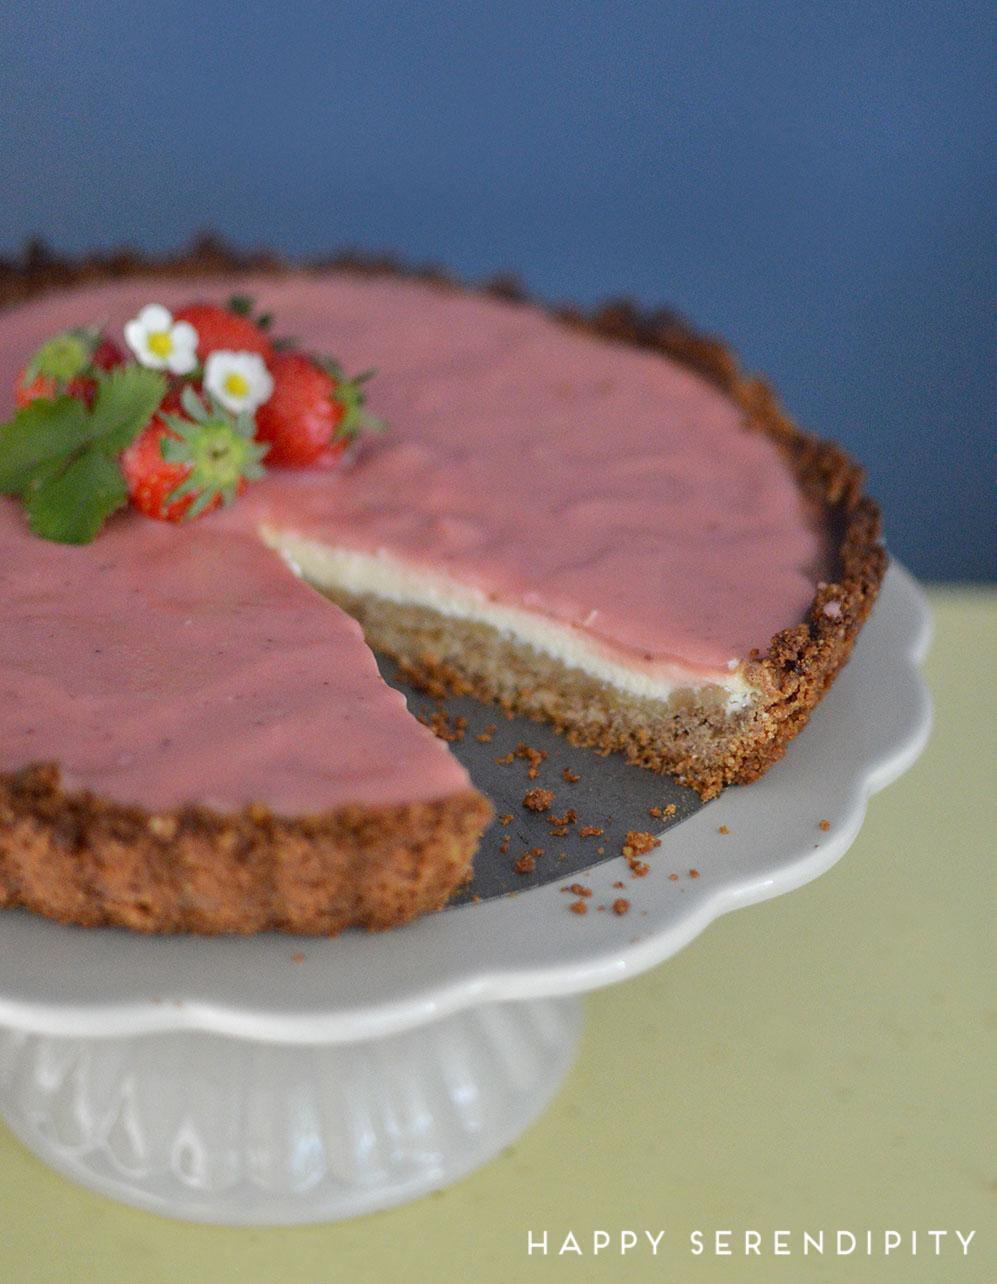 leckere erdbeer curd cheesecake rezept, meine kreative tortenwerkstatt, judith bedenik, emf verlag, vorgestellt von happy serendipity